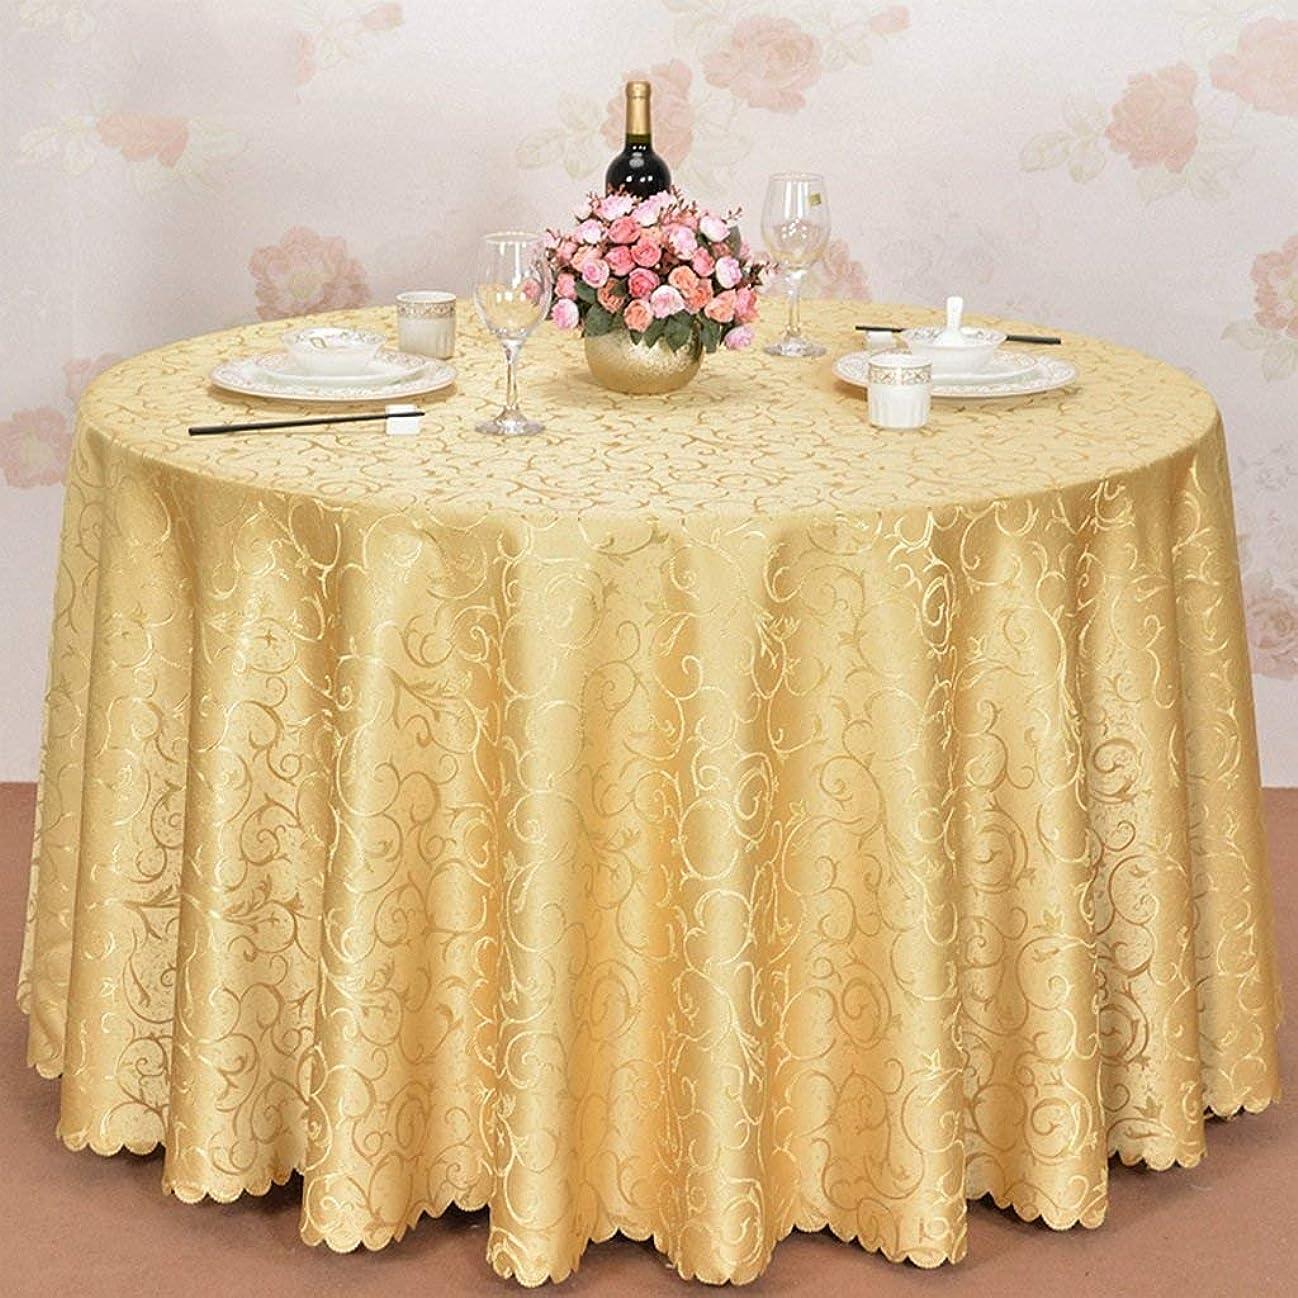 感嘆苦行発症QYM ヨーロッパのジャカード大きいテーブルクロス円形水レストランのレストラン円形テーブルクロス (サイズ : 300cm)